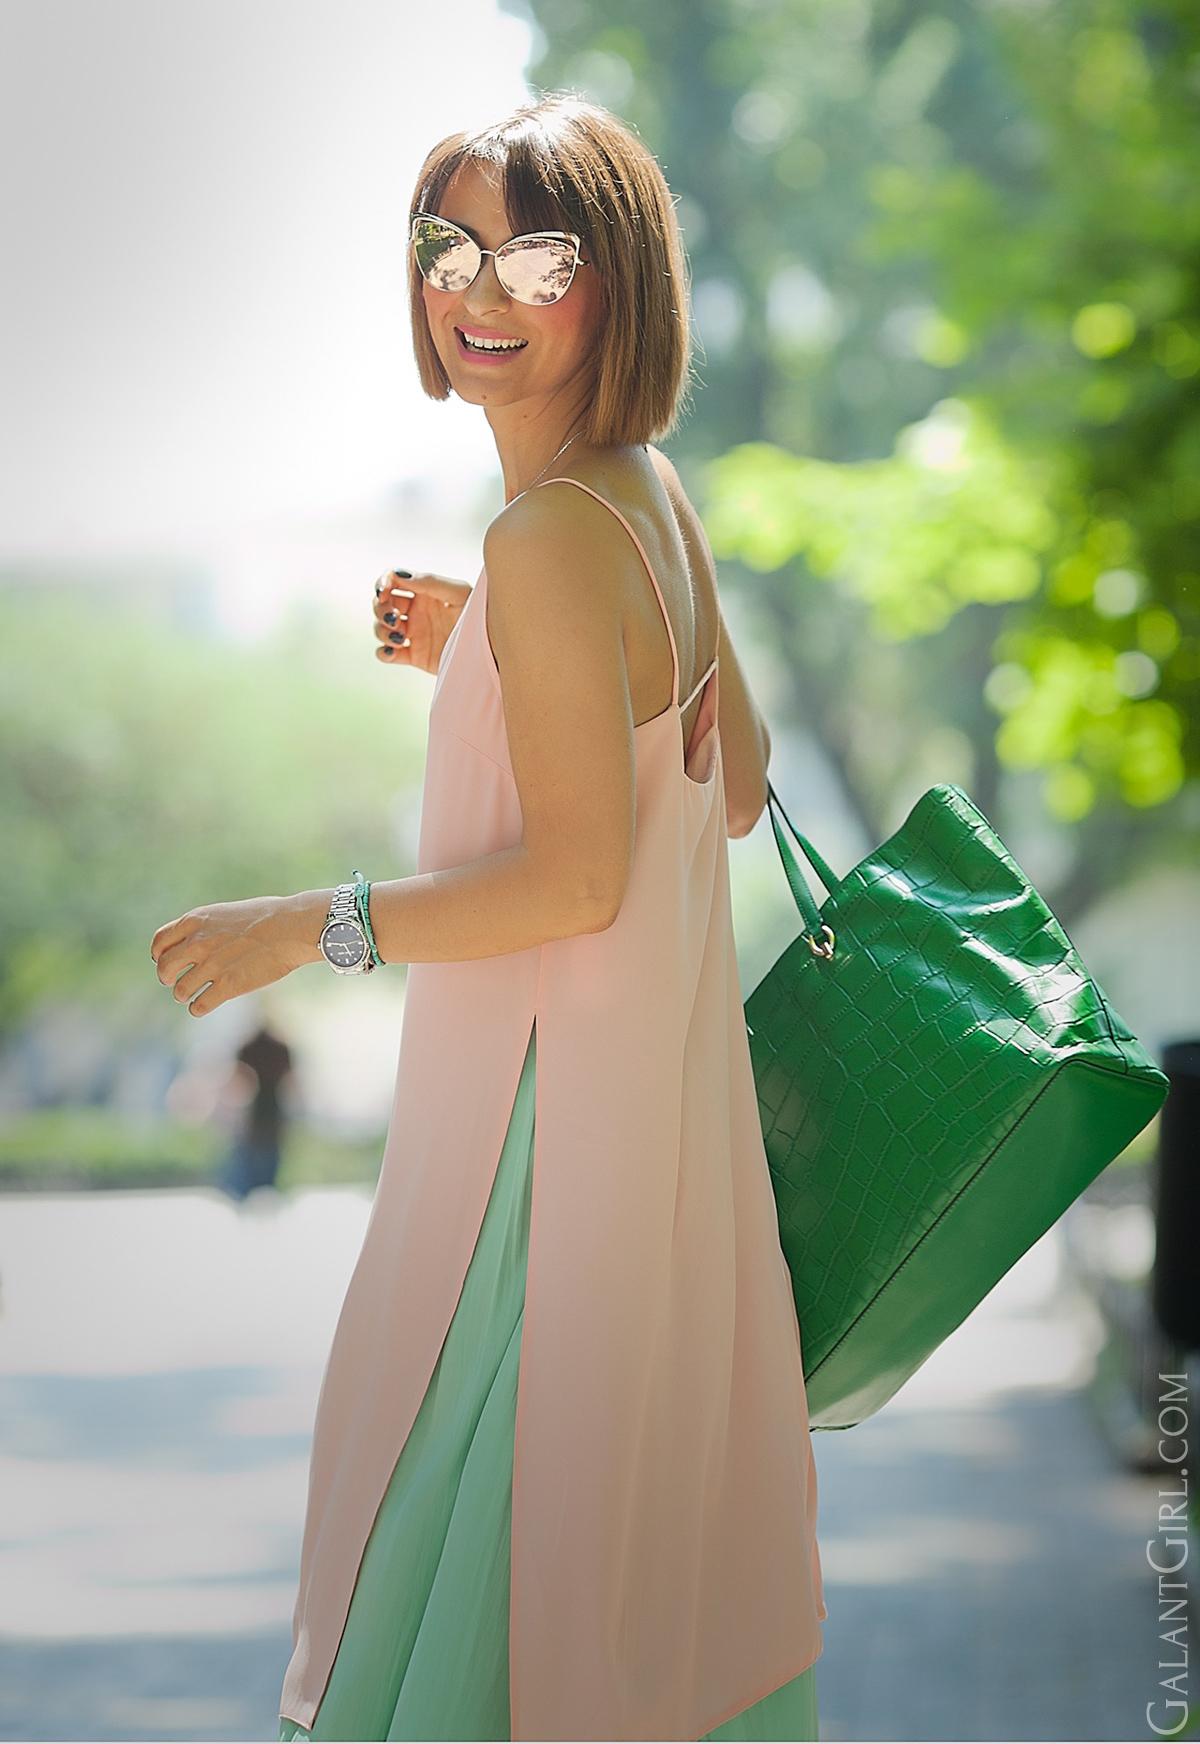 summer-street-style-ideas-galantgirl